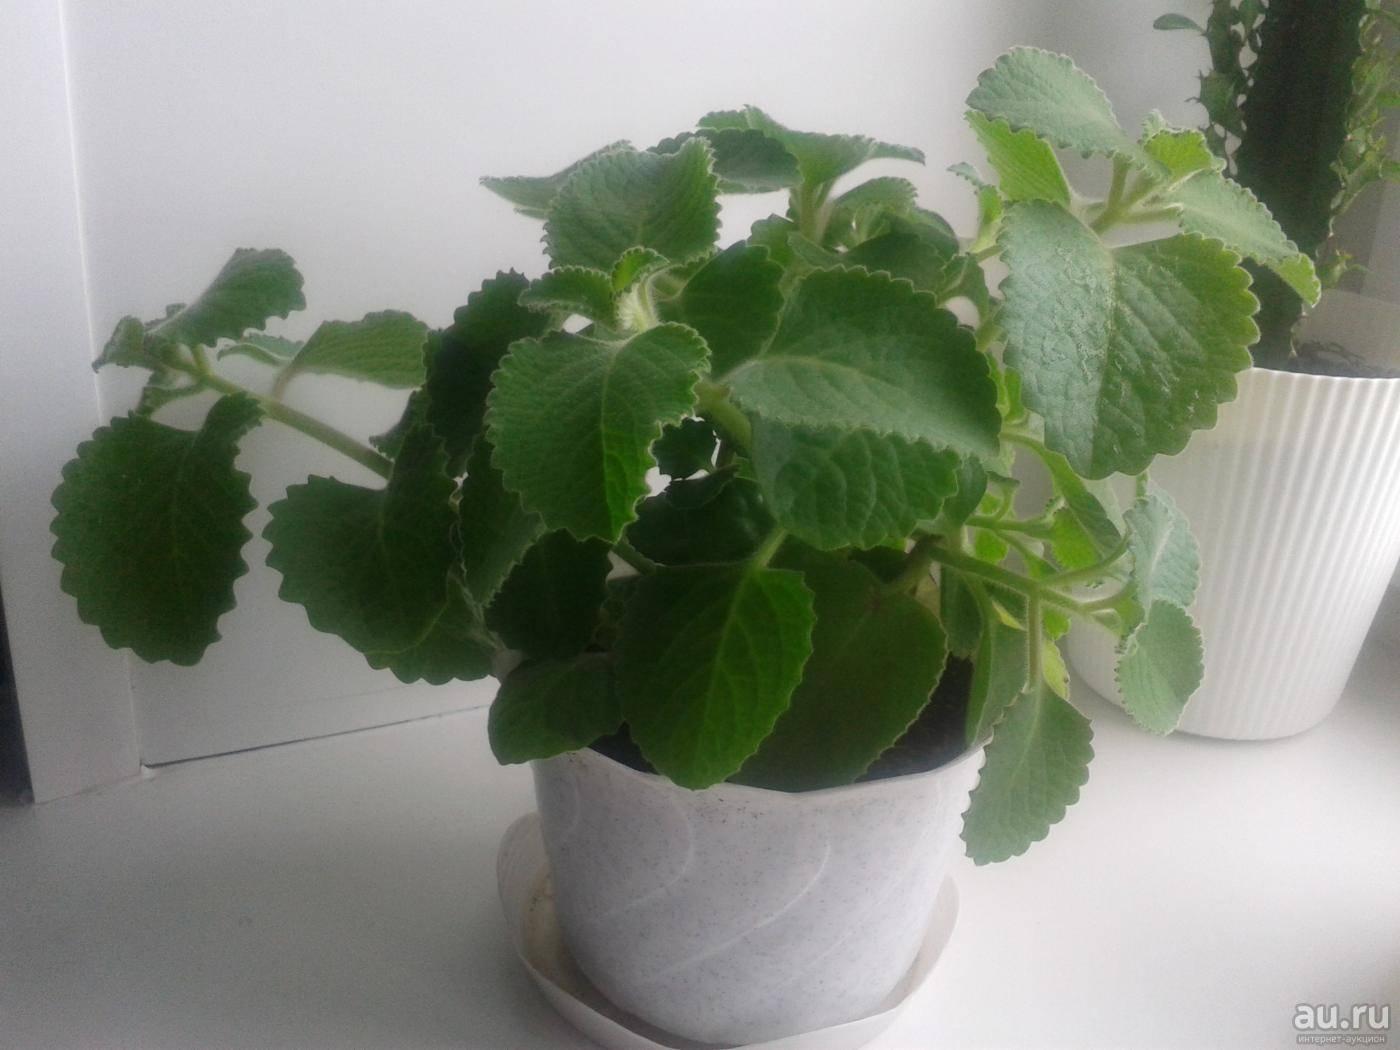 Выращивание плектрантуса комнатной мяты: как посадить, ухаживать, удобрять, размножать